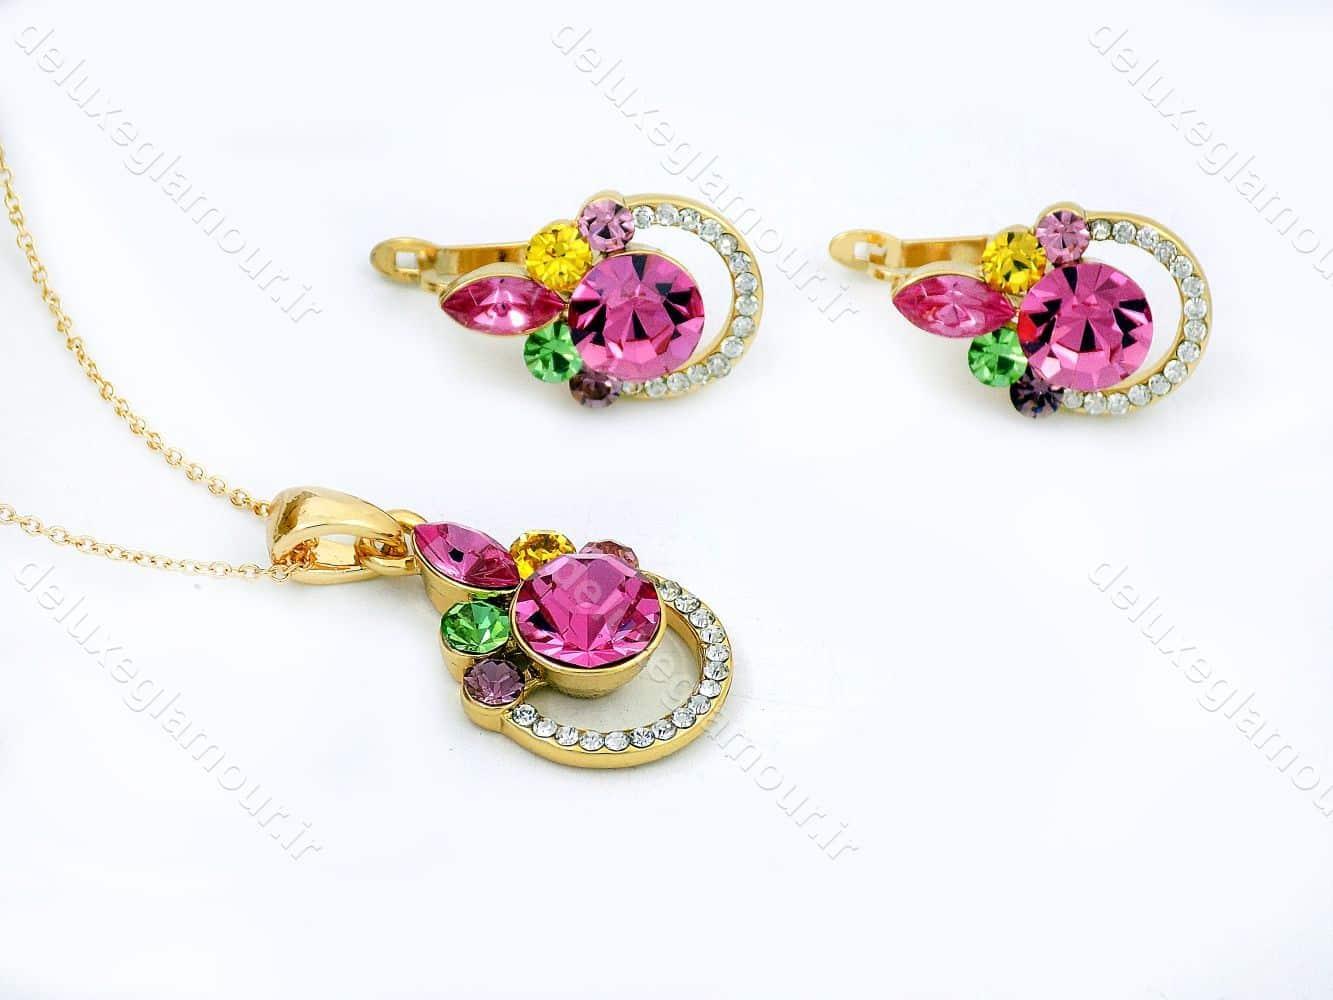 نیم ست دخترانه جواهری طلایی برند کلیو با نگین های رنگی اصل سواروسکی ns-n156 از نمای پایین